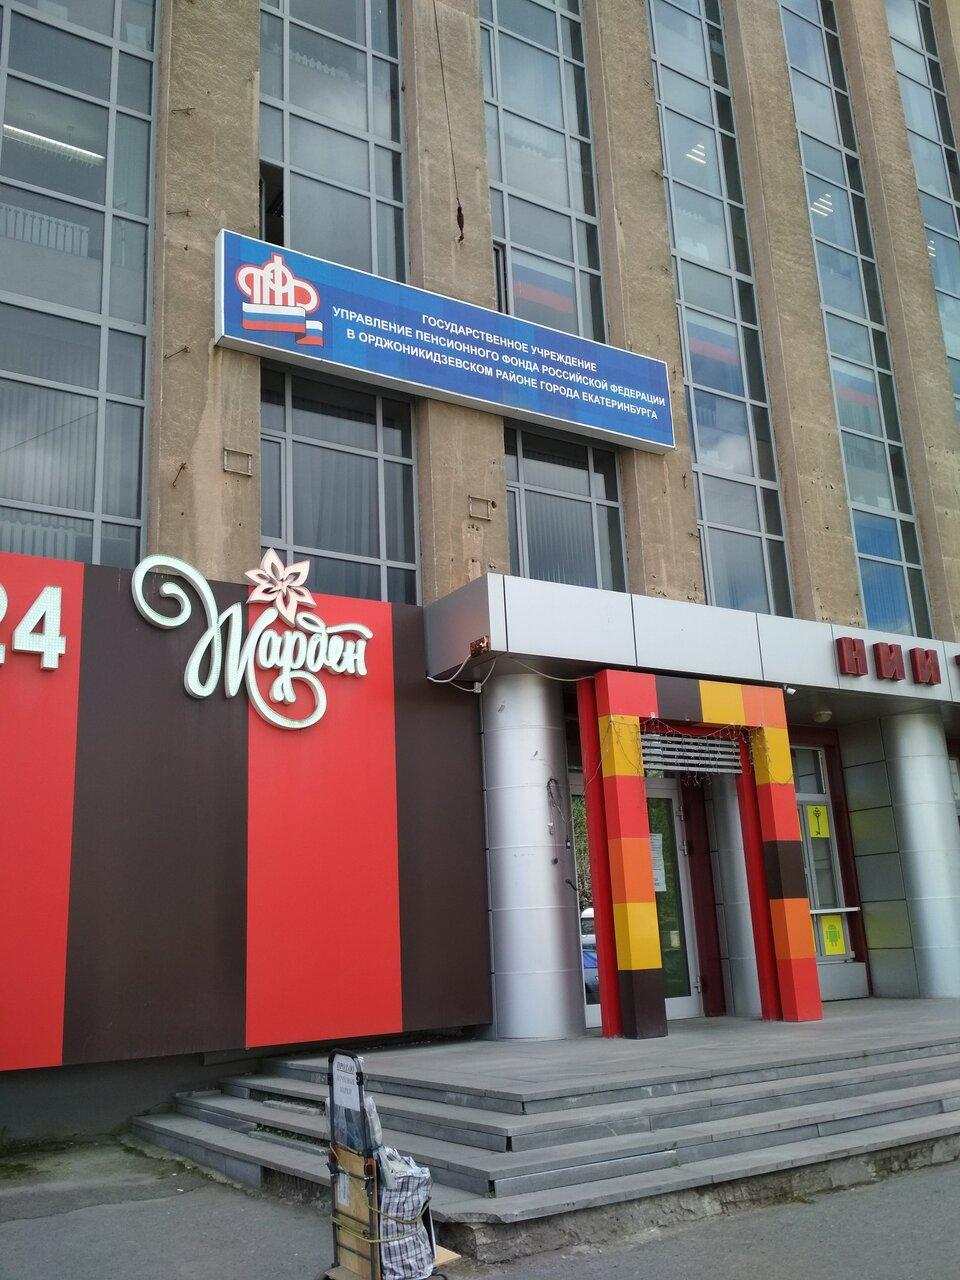 Пенсионный фонд орджоникидзевский район личный кабинет что делать пенсионеру с минимальной пенсией